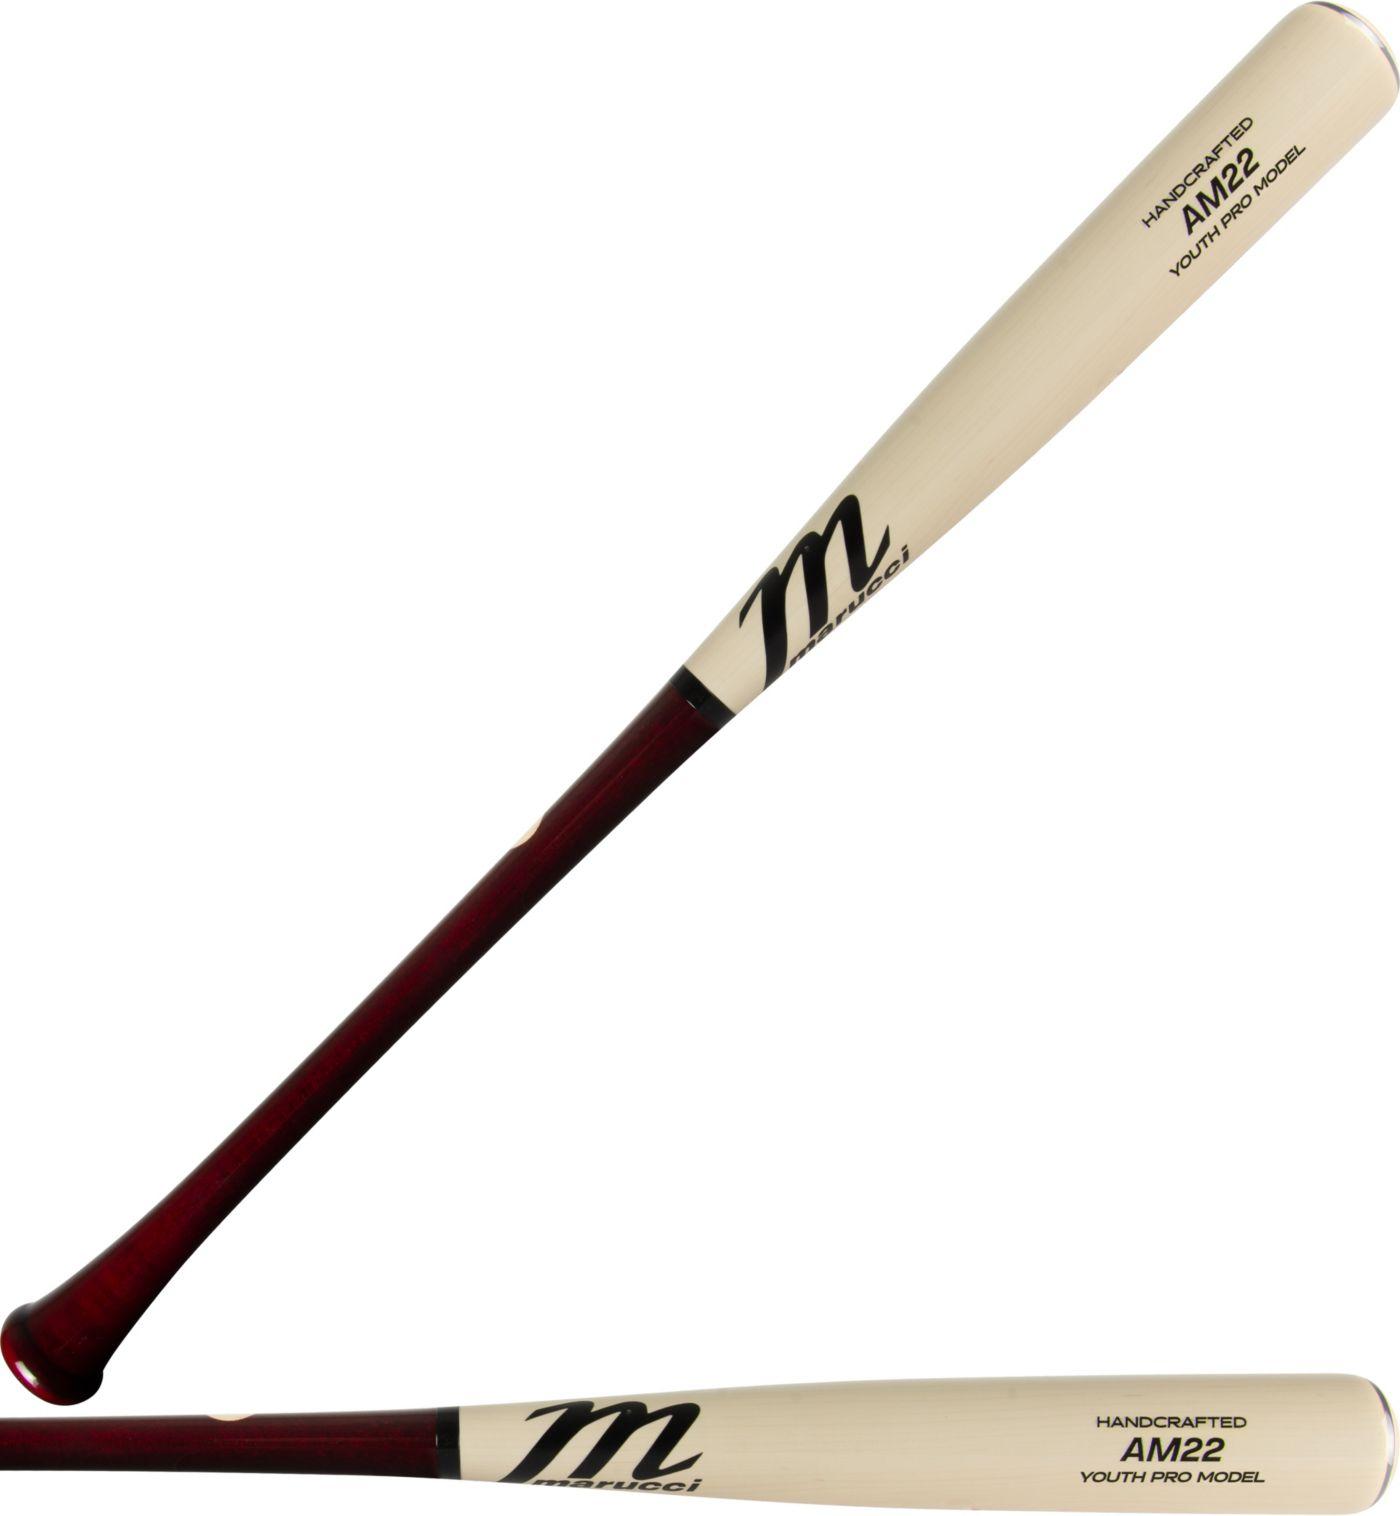 Marucci AM22 Andrew McCutchen Pro Maple Youth Bat